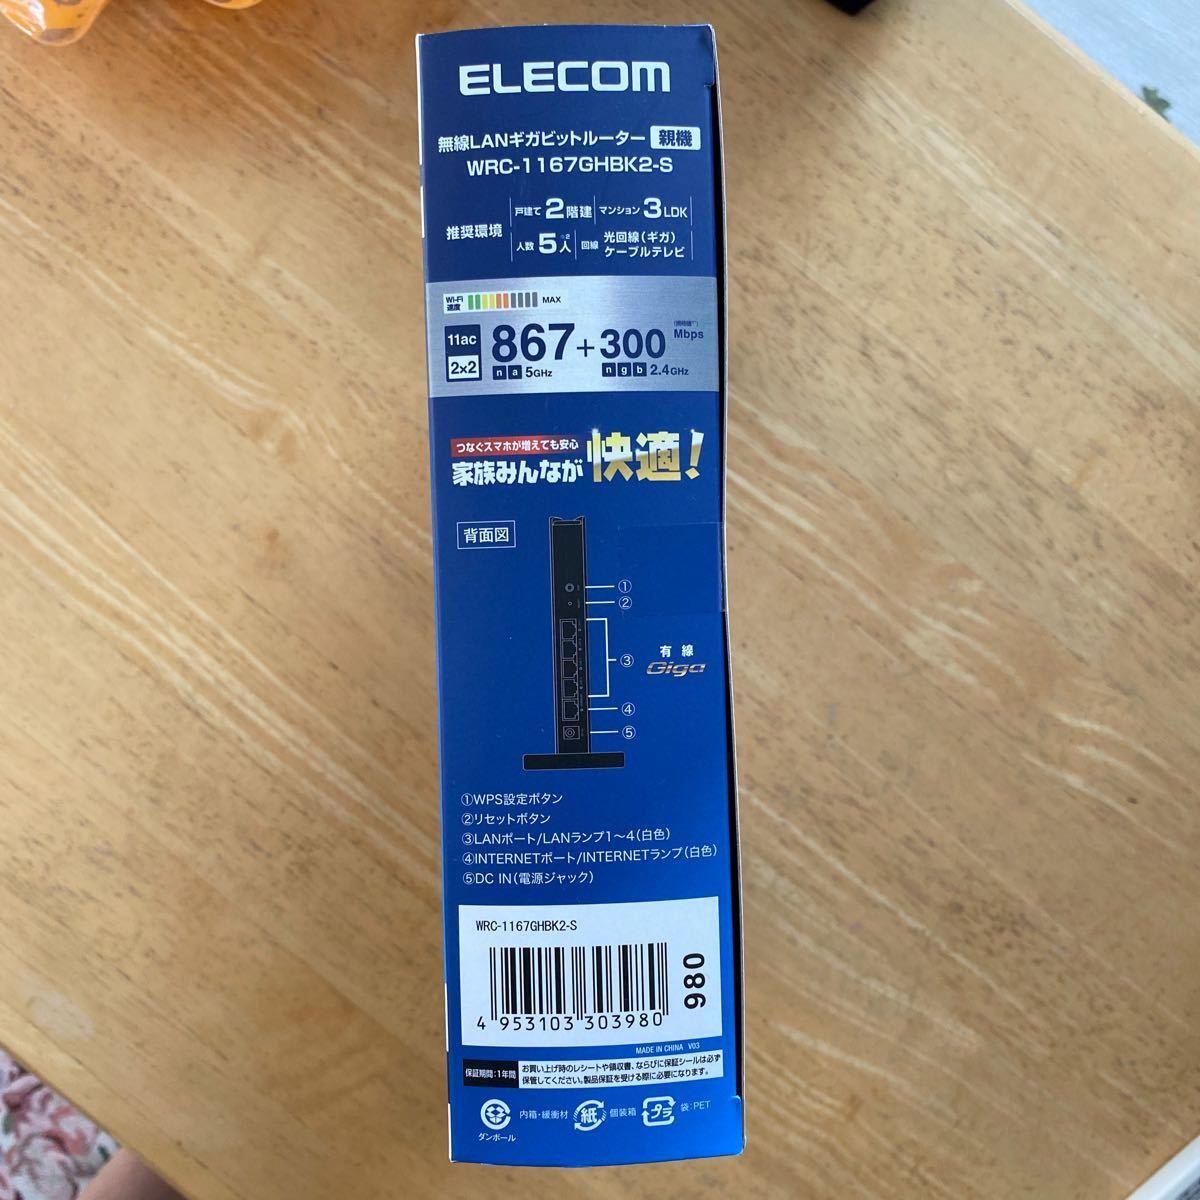 無線LANルーター・ELECOM WRC-1167GHBK2-S